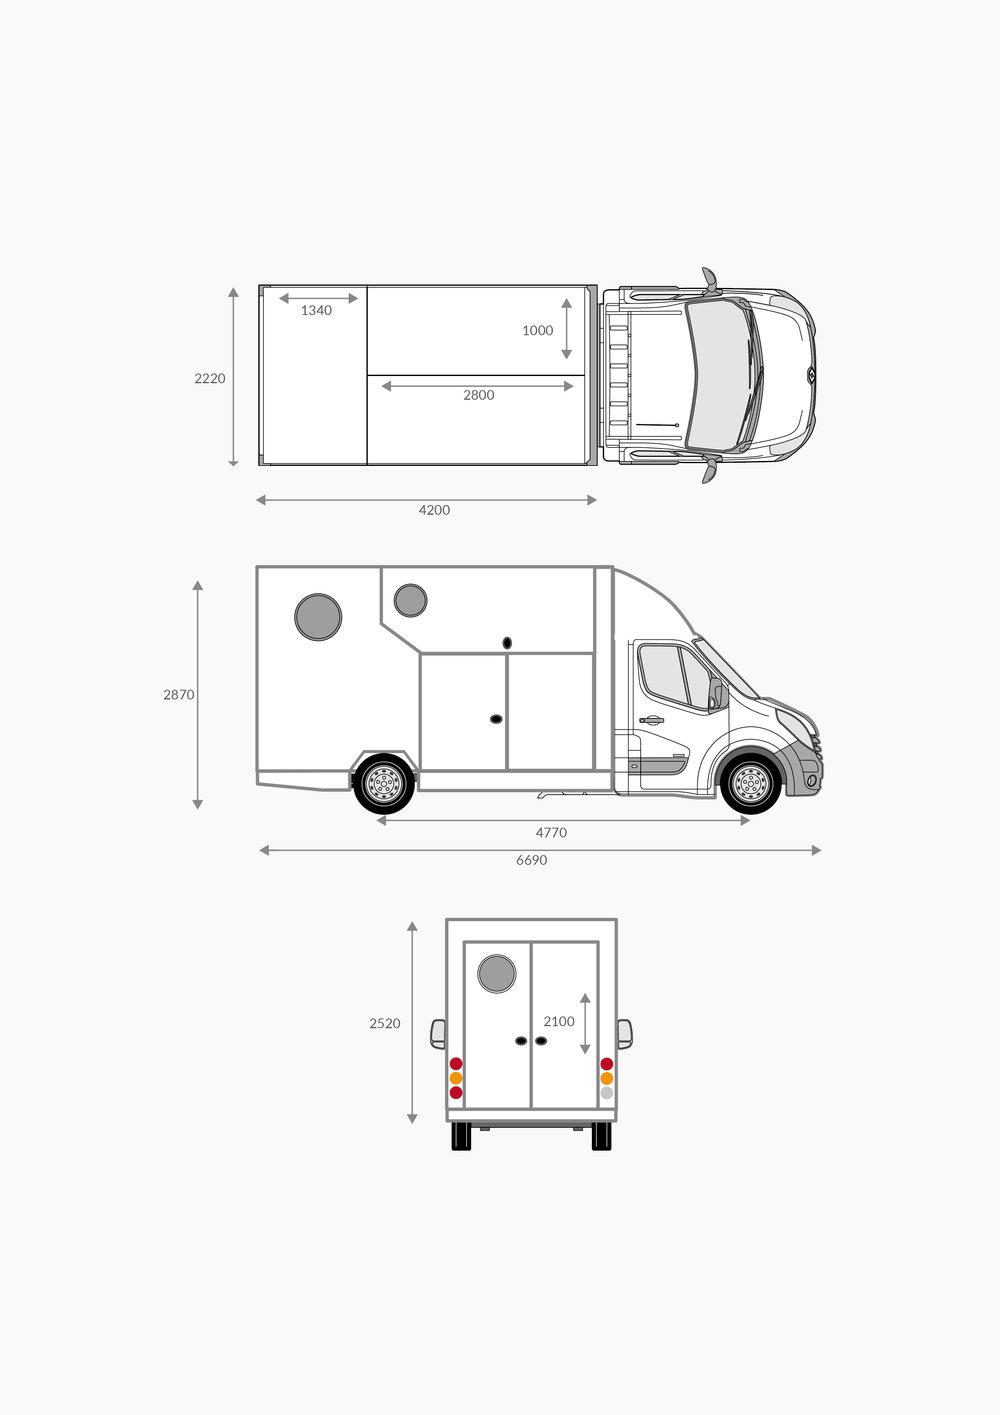 Bilritning med mått.jpg